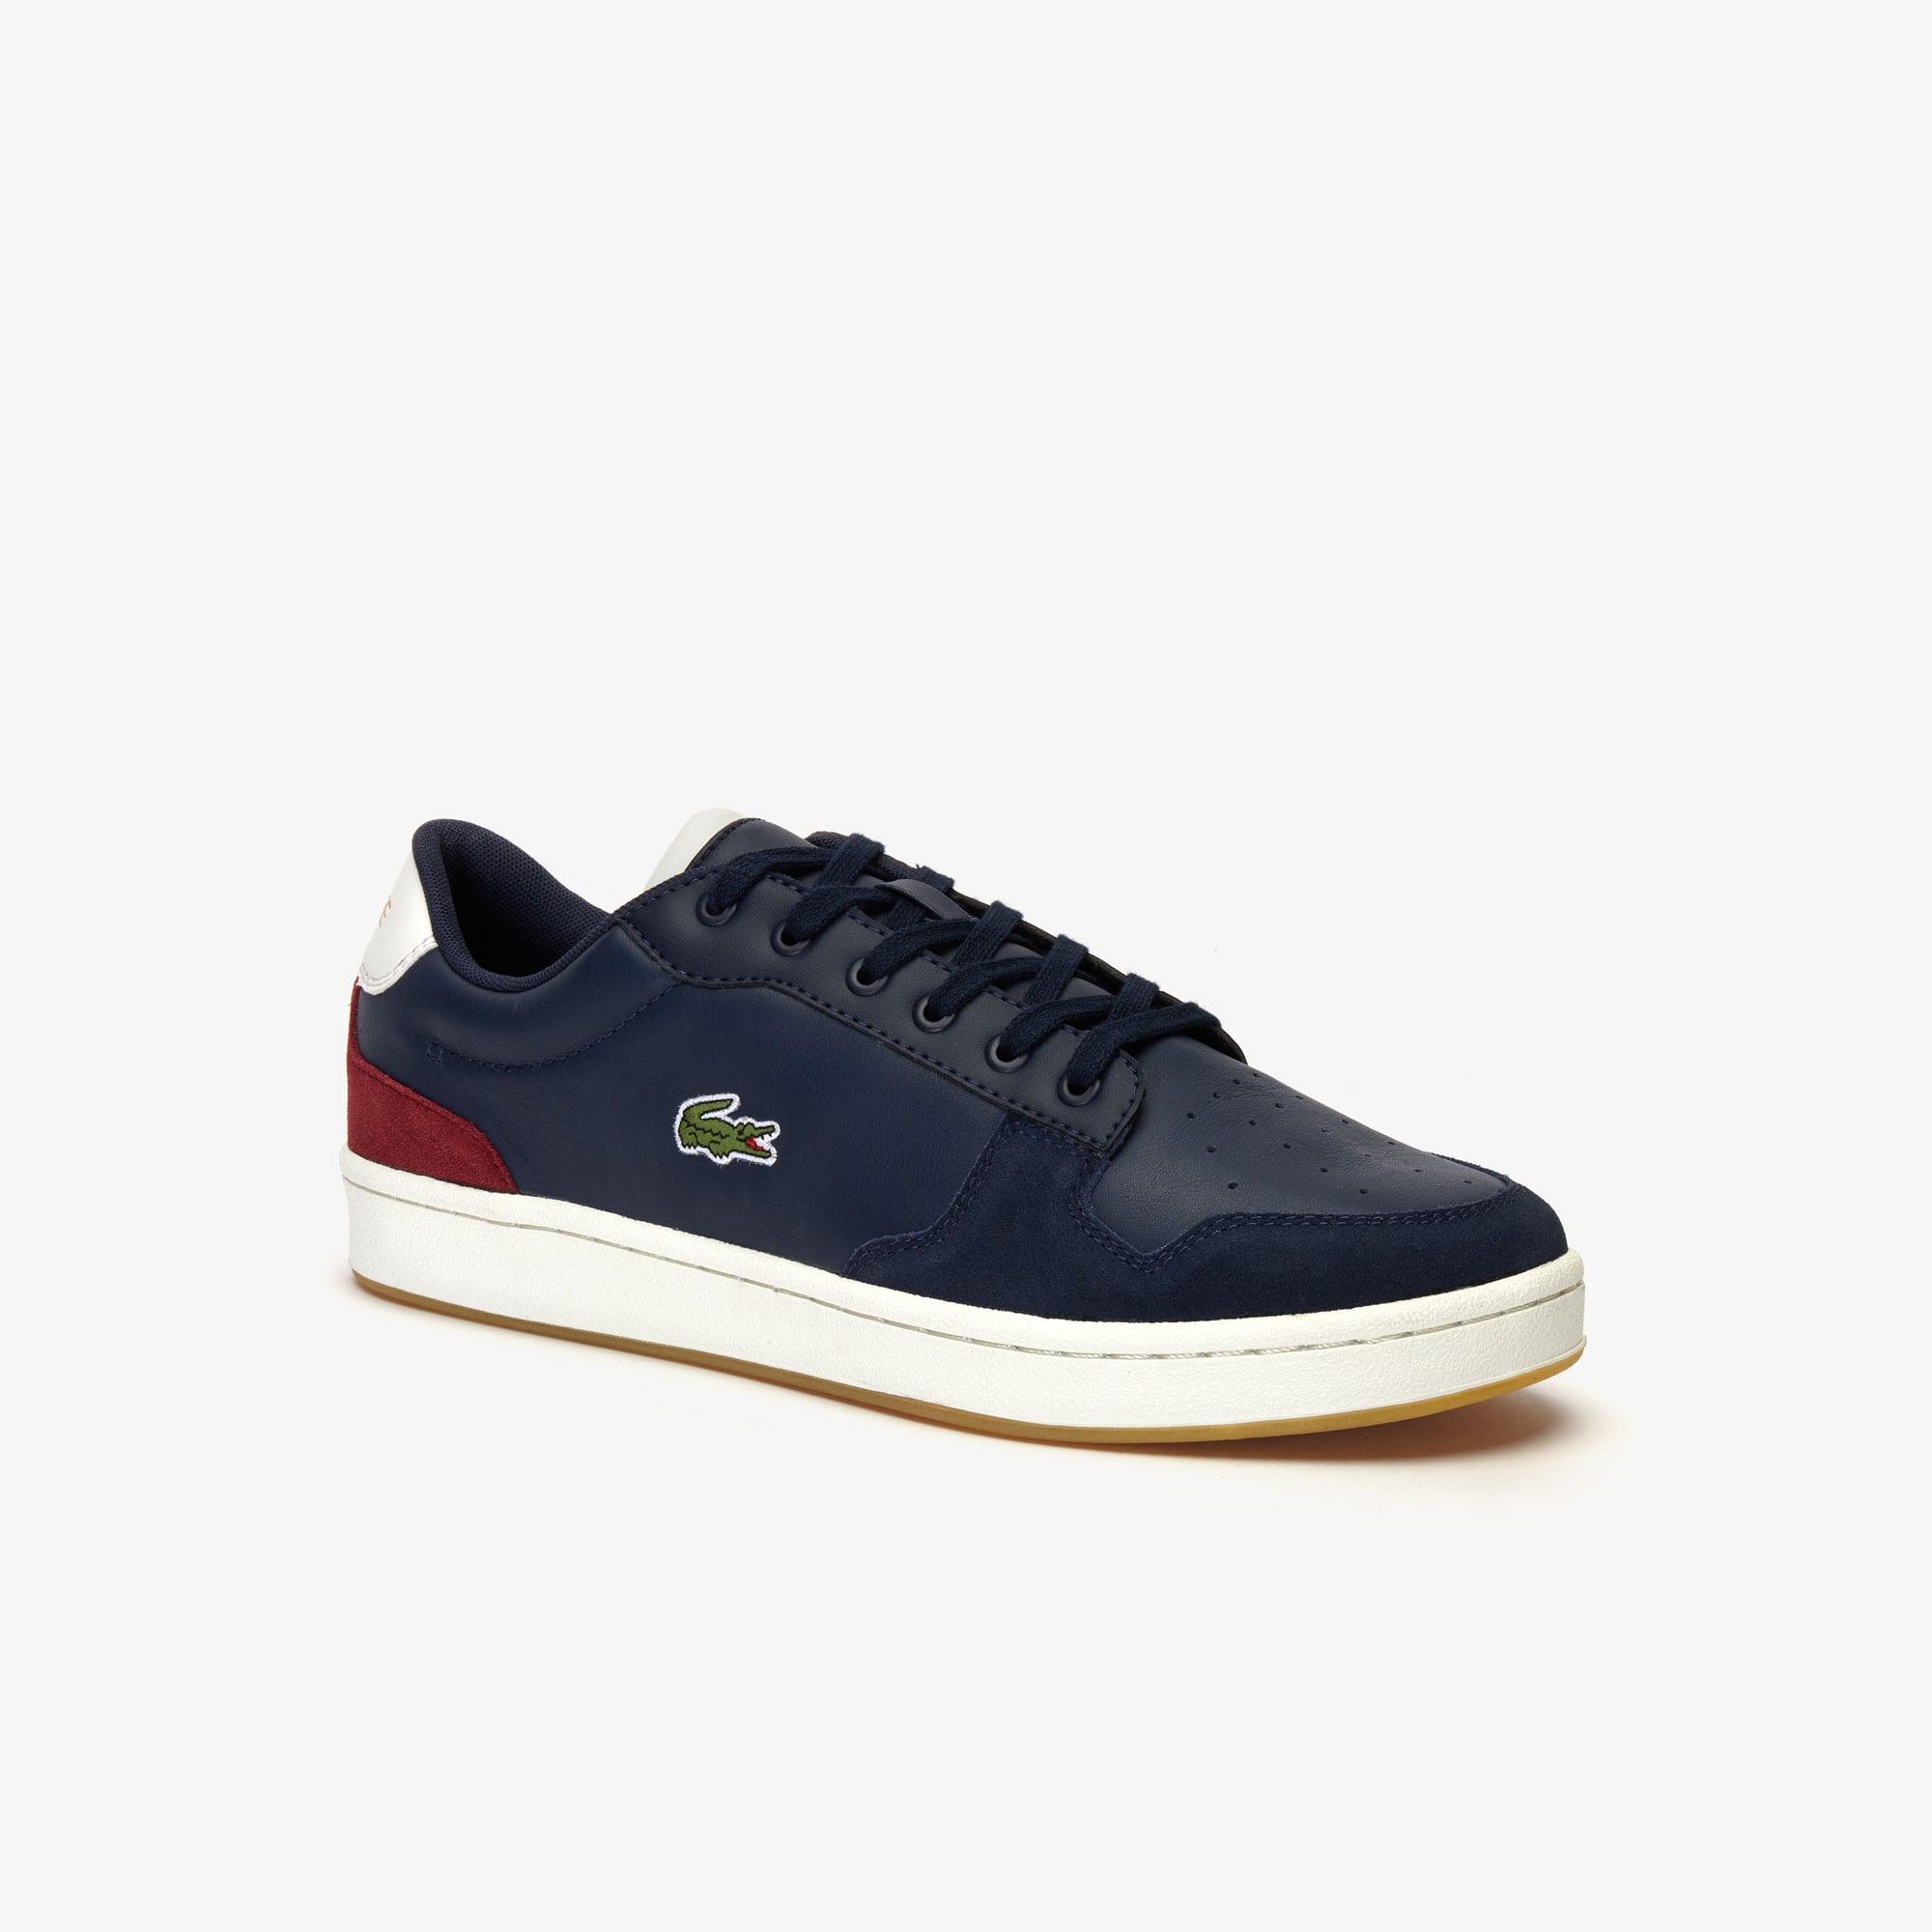 0e89c7b6046 Men's Shoes | Shoes for Men | LACOSTE